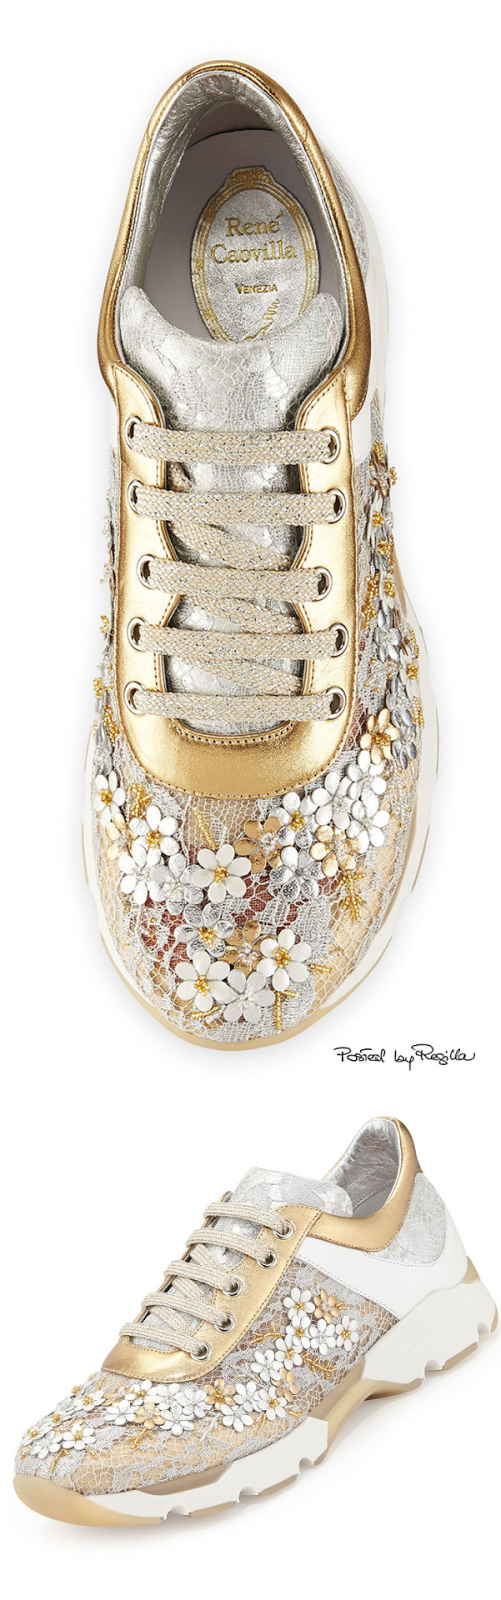 Desejo do dia - Ténis dourados sneakers René Caovilla verão  2015